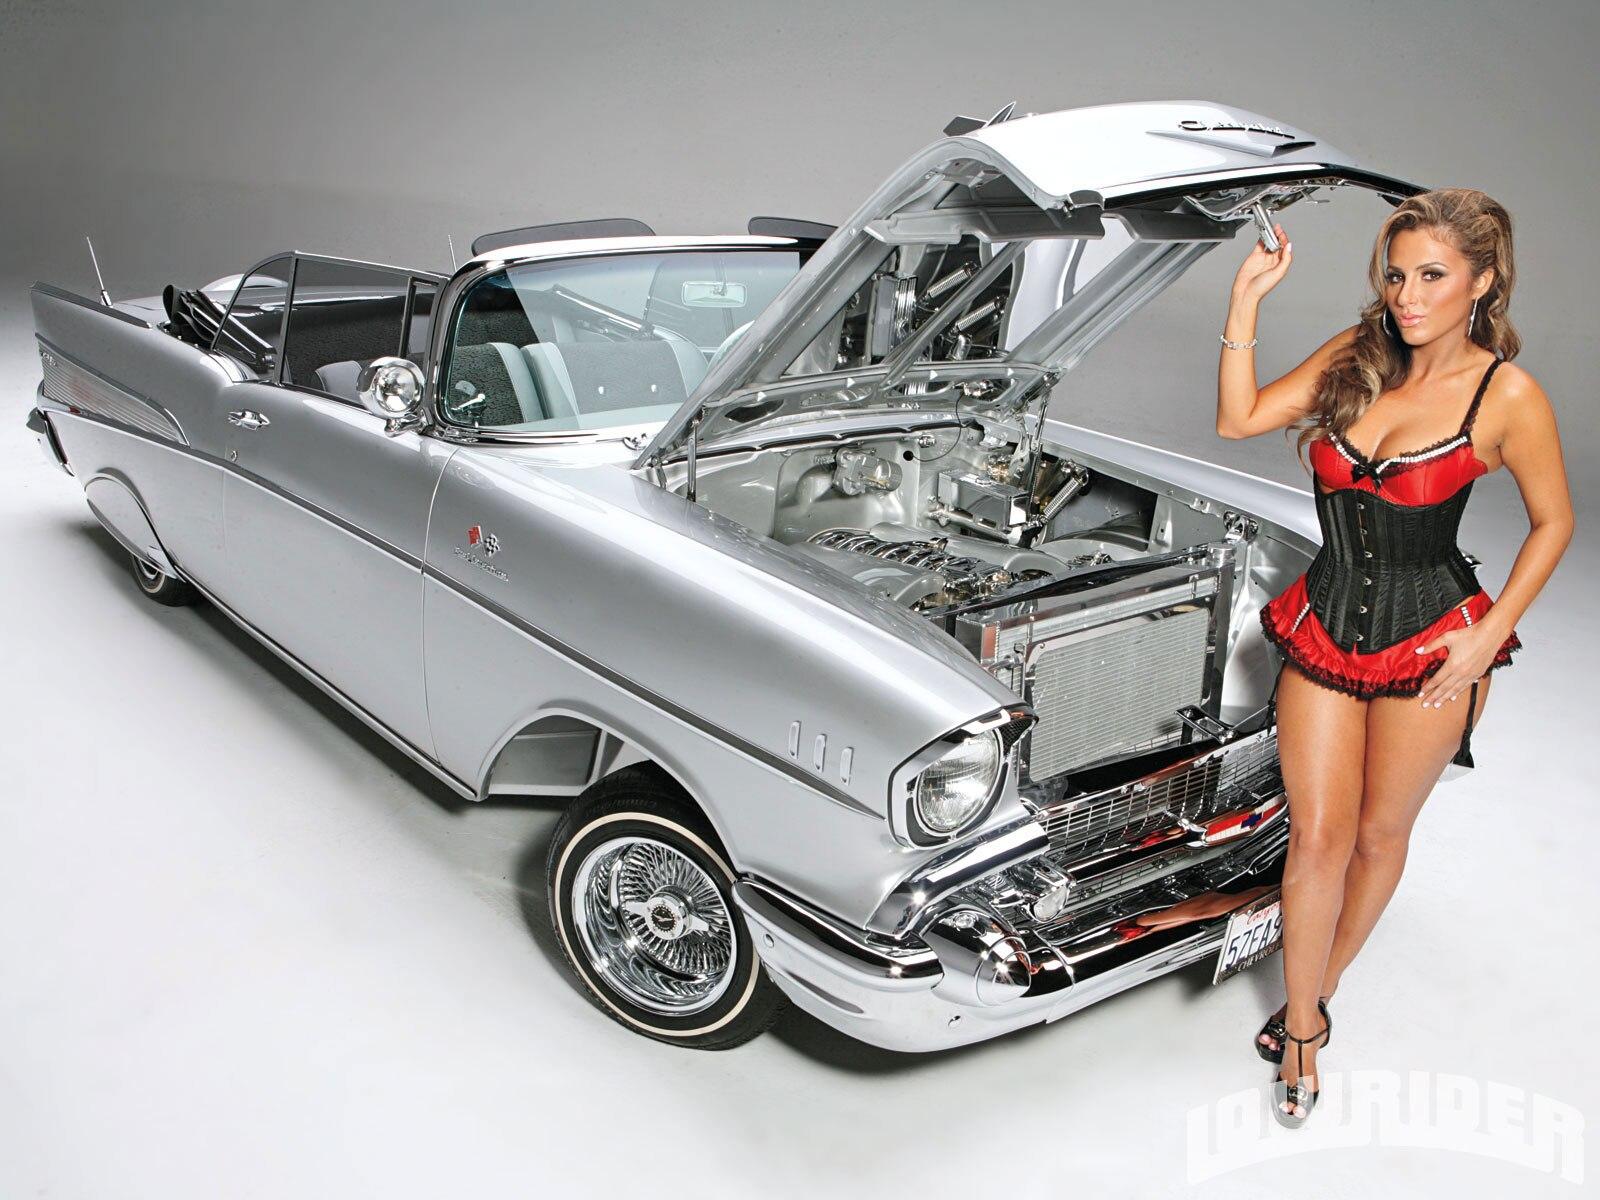 1959 Chevrolet Bel Air Wiring Diagram